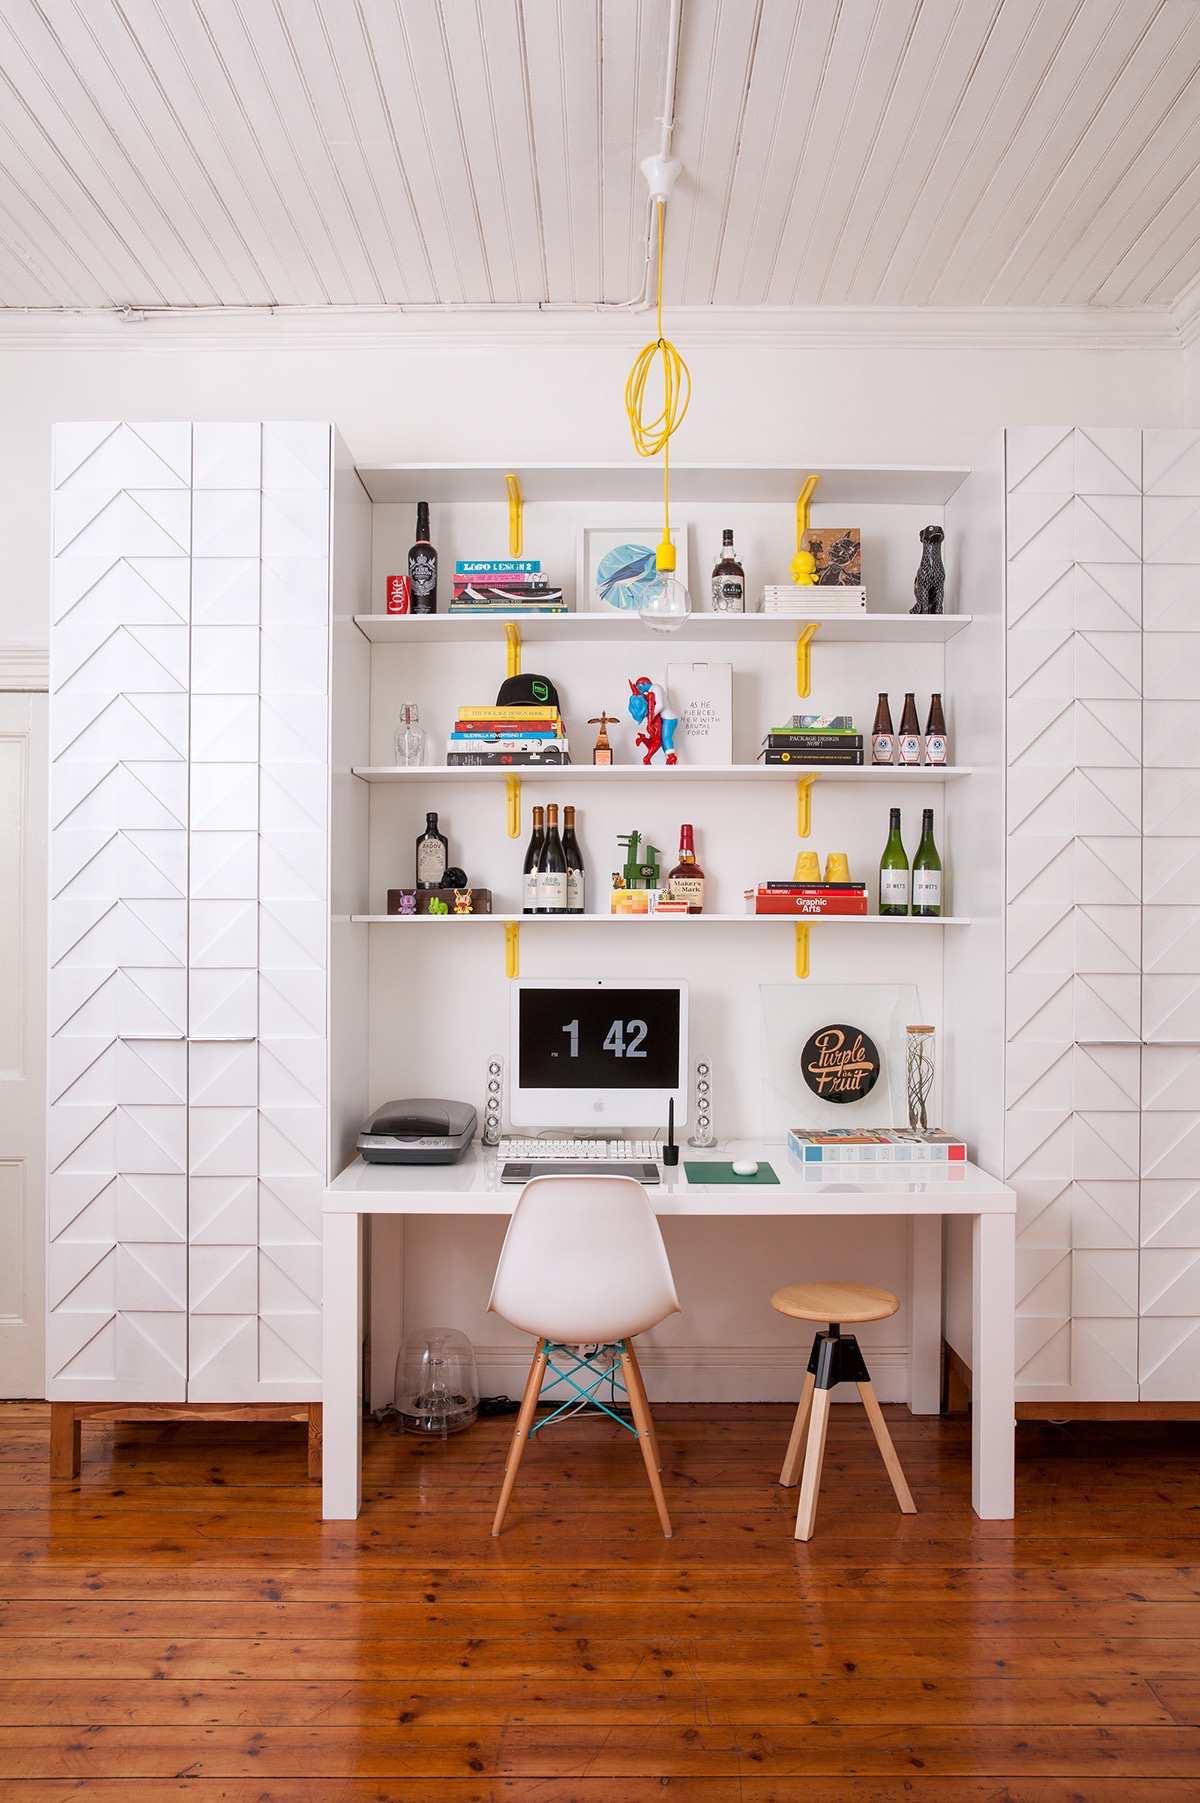 طراحی 50 نمونه دفتر کار مدرن خانگی با ایده های الهام بخش - Modern Home Office 26